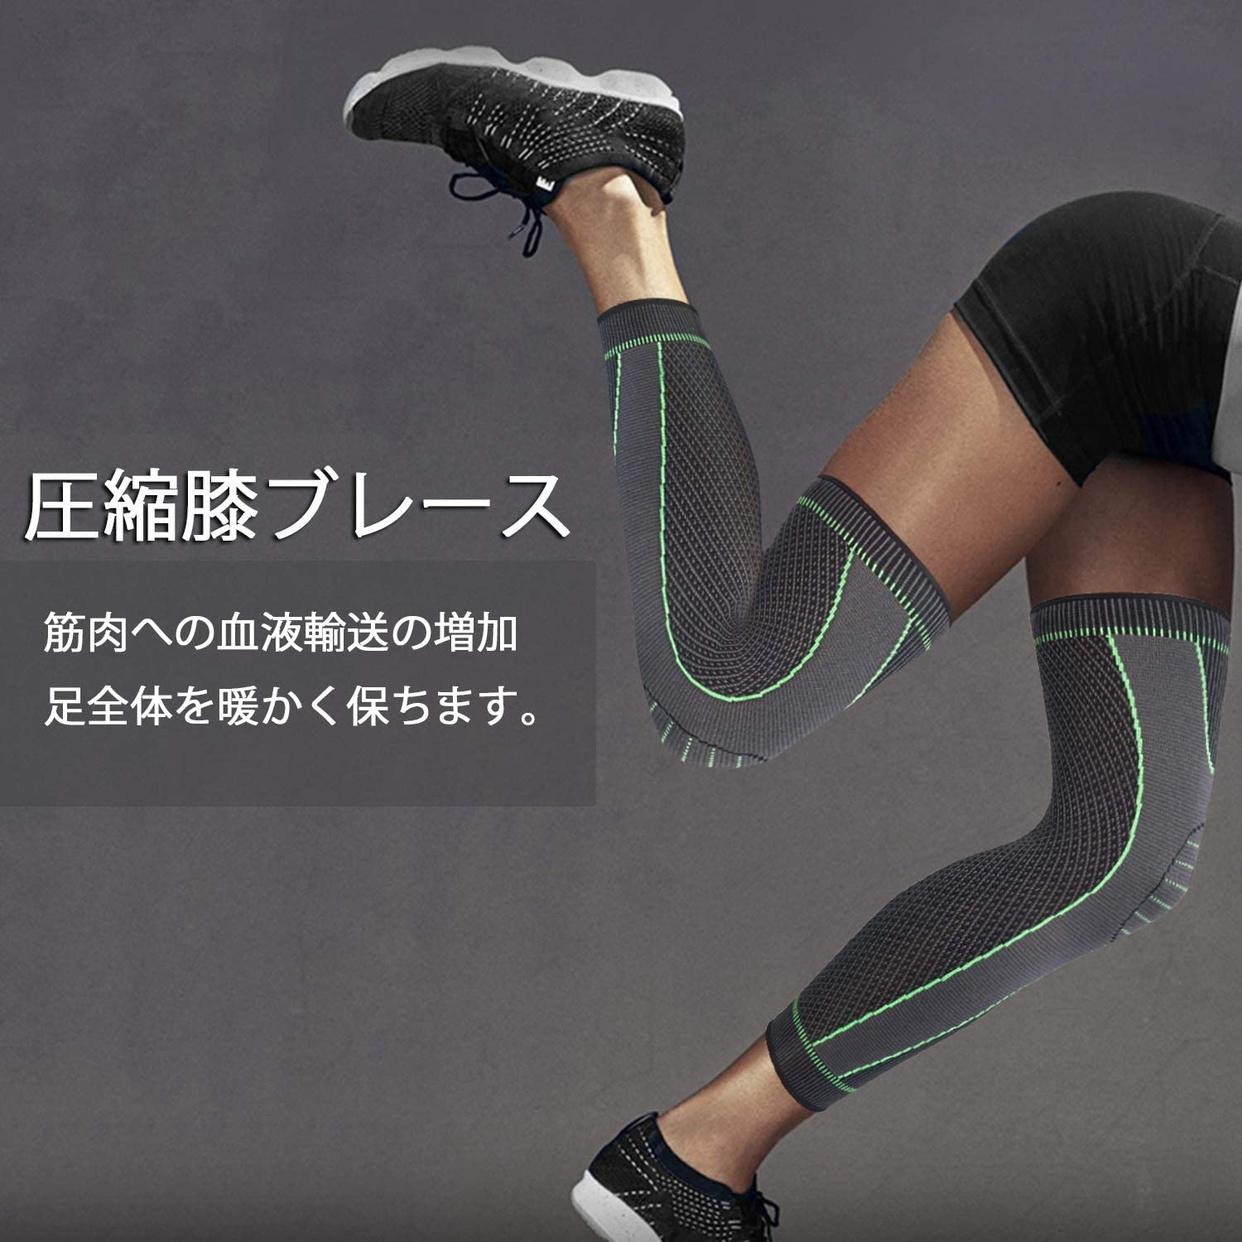 SKDK(エスケーディーケー) 膝サポーター ロングコンプレッションレッグスリーブの商品画像3